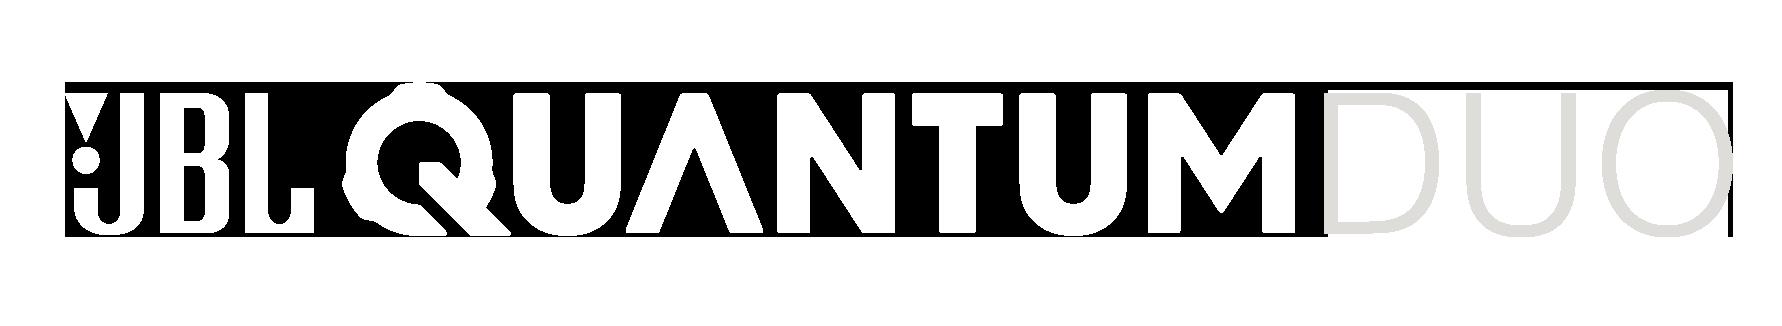 Quantum Duo